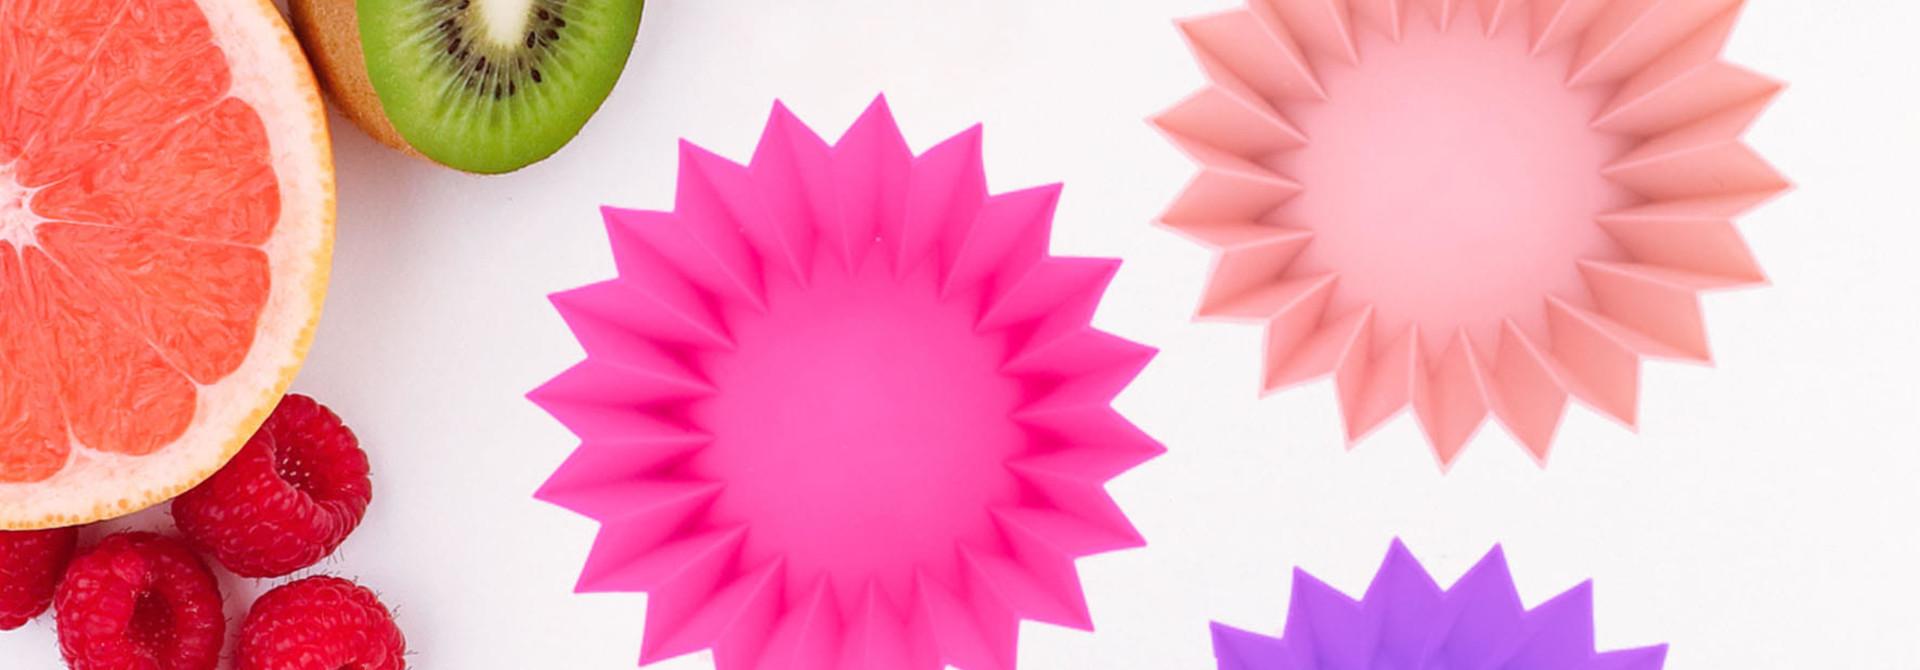 Lunch Punch Siliconen vormpjes roze